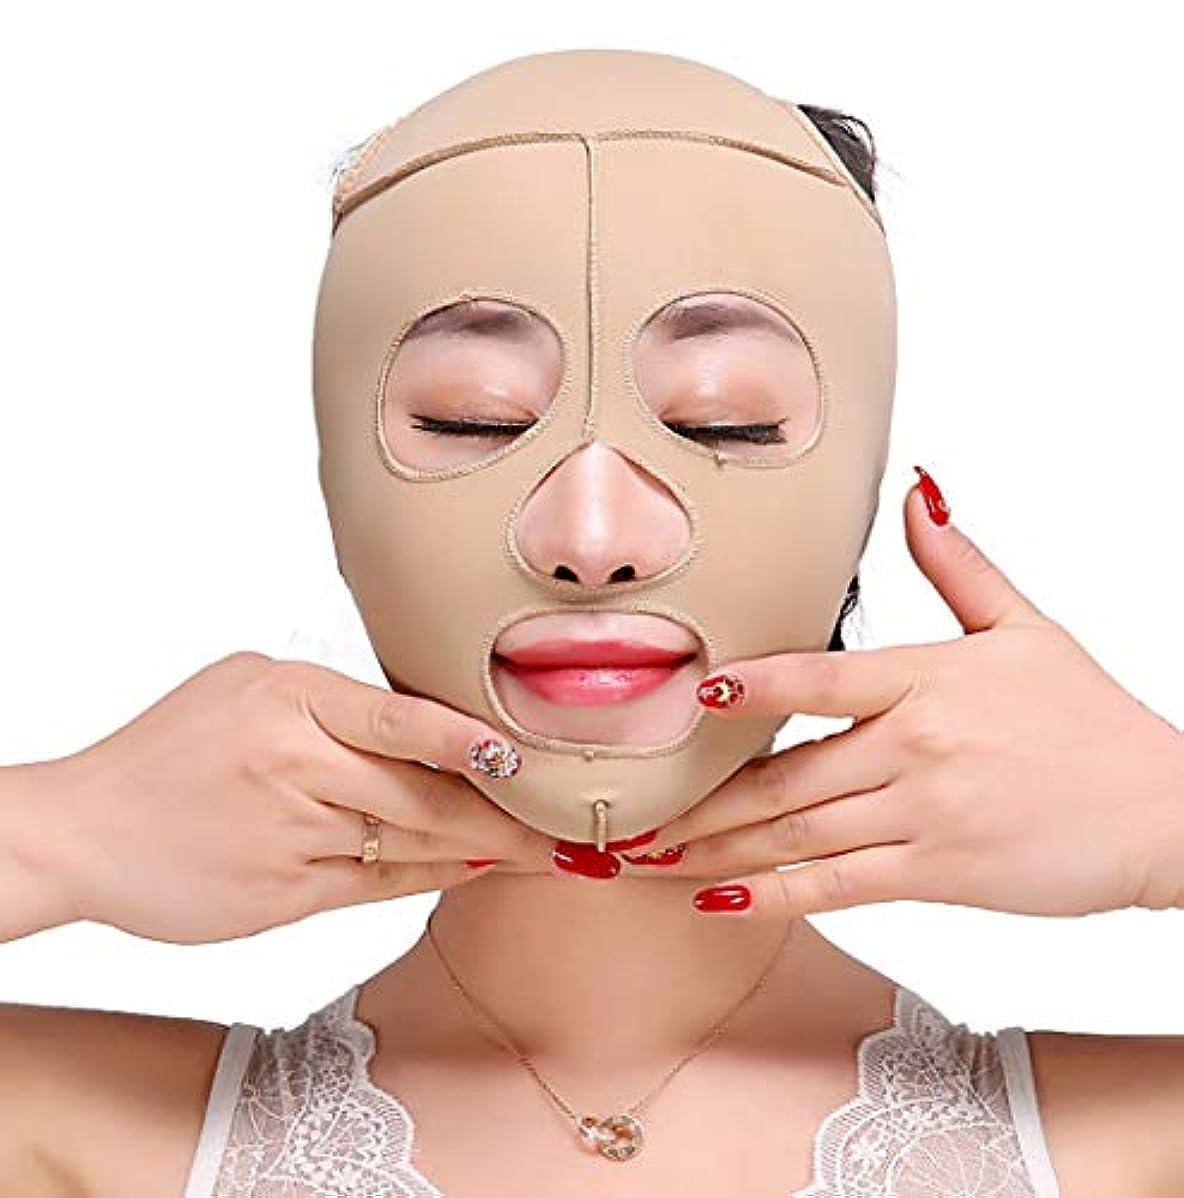 融合奪う押すTLMY 痩身ベルト痩身ベルト薄い顔の包帯小V顔の顔の薄い顔のマスク包帯の強化引き締めV顔美容マスク小さな顔の包帯の頭飾り修正顔の形 顔用整形マスク (Size : M)